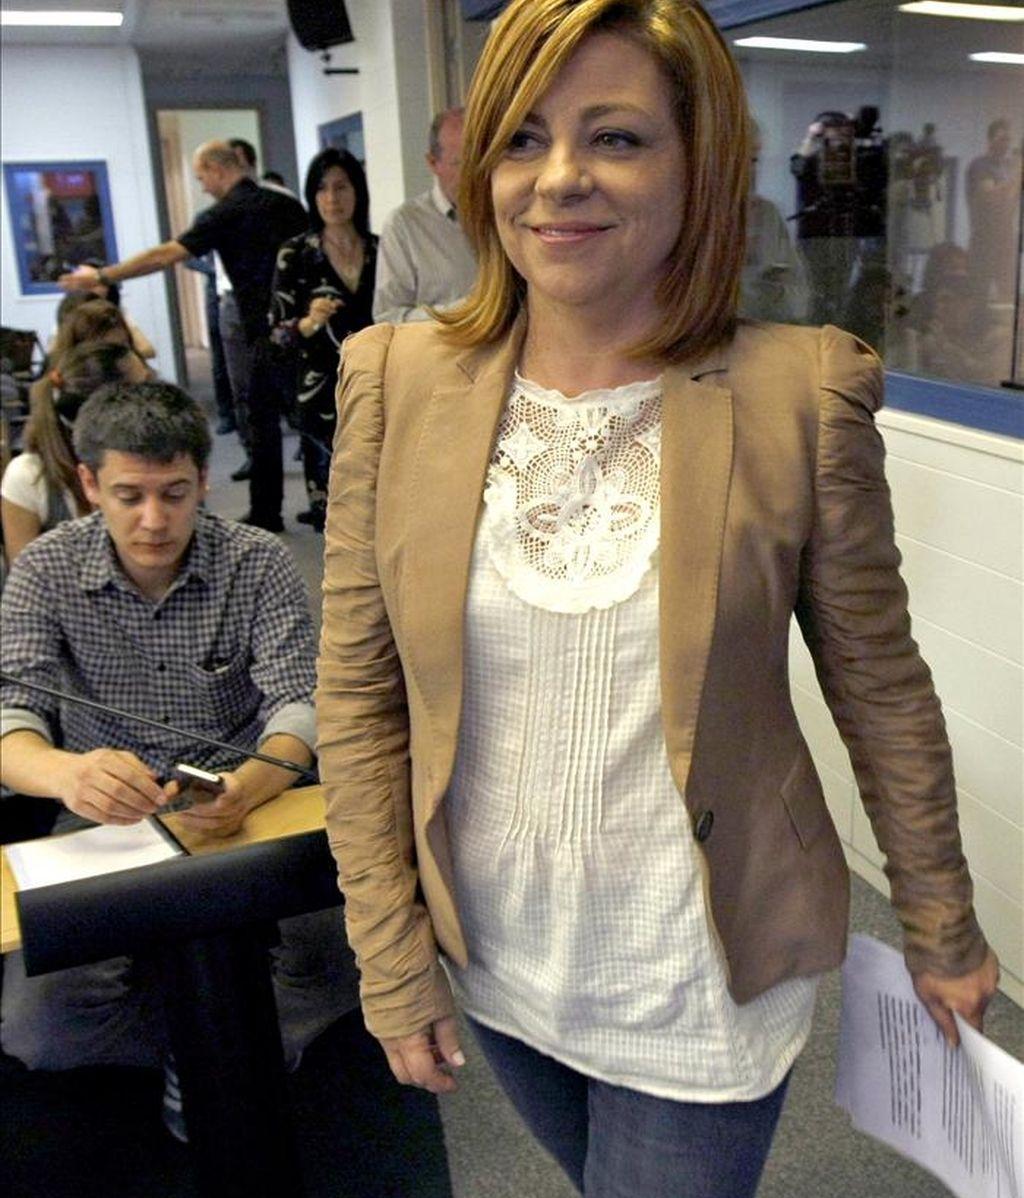 La portavoz del Comité Electoral del PSOE, Elena Valenciano, antes de la presentación de los detalles de la campaña electoral que va a protagonizar el partido ante los comicios municipales y autonómicos del 22 de mayo EFE